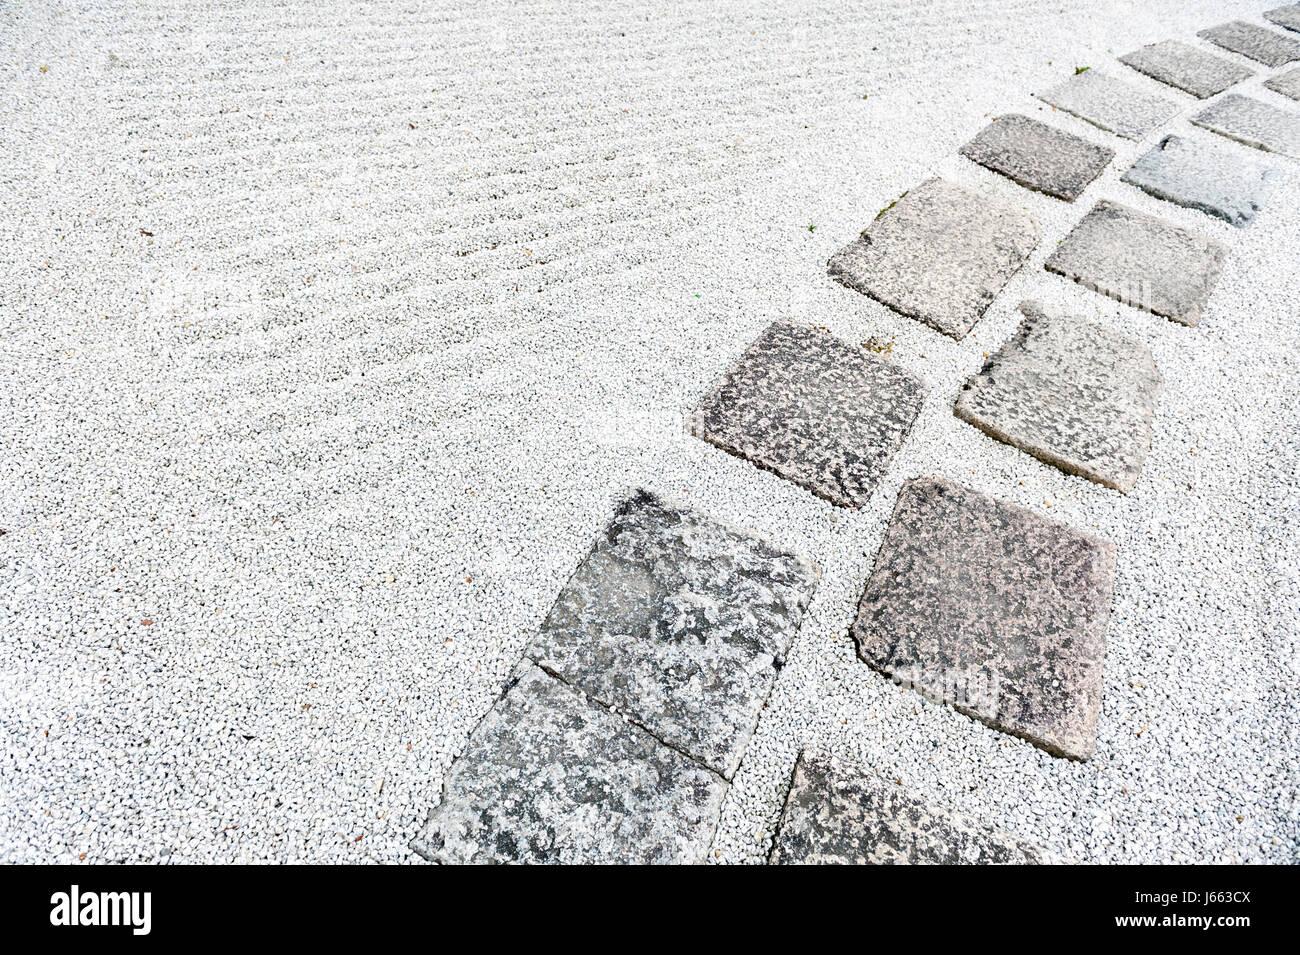 Japanese Rock Garden Walkway In A Japanese Rock Garden Or Zen Garden With Gravel